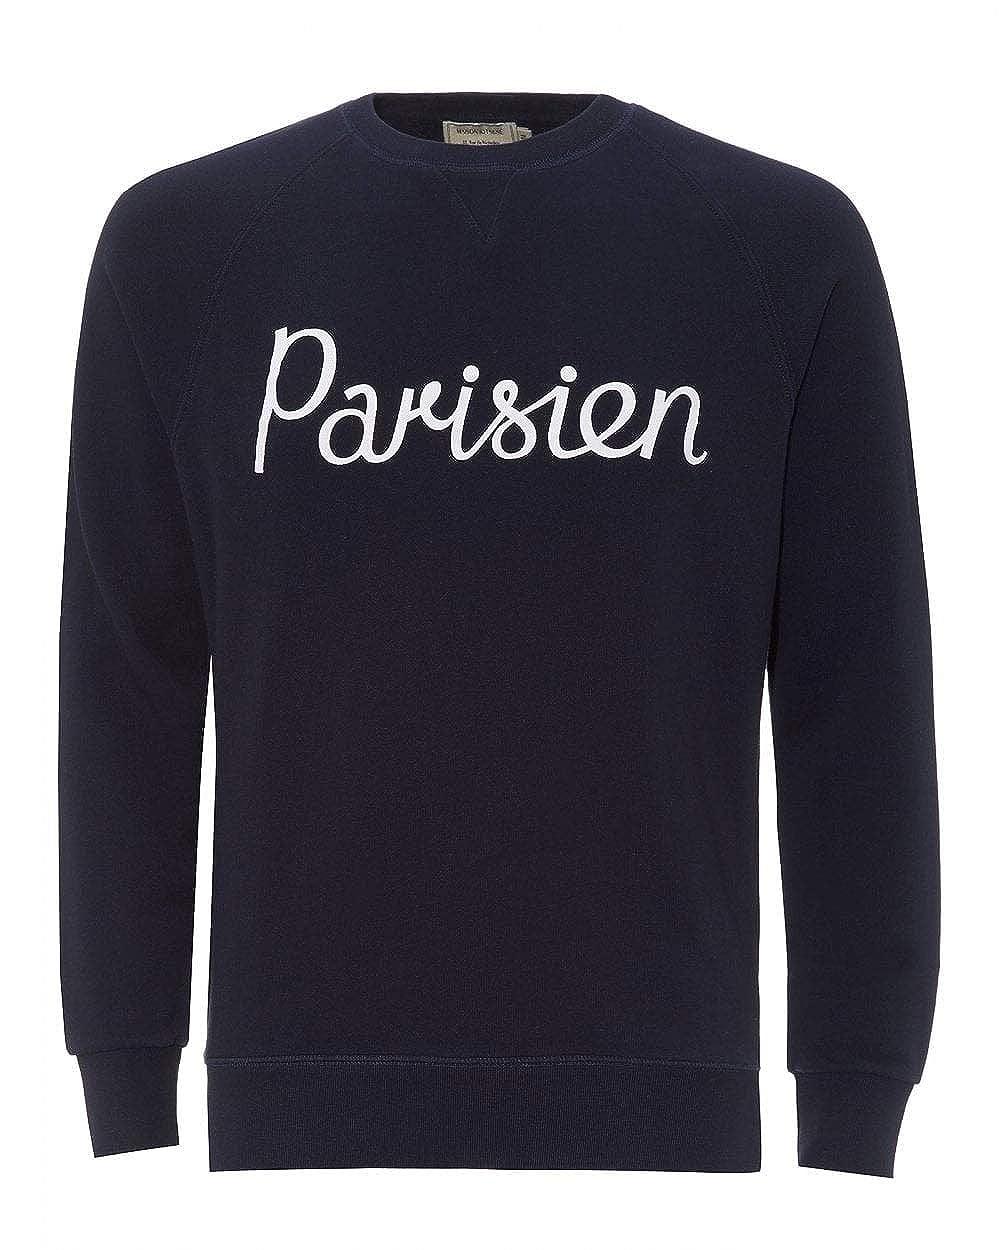 Navy L MAISON KITSUNÉ Mens Parisien Sweatshirt bluee